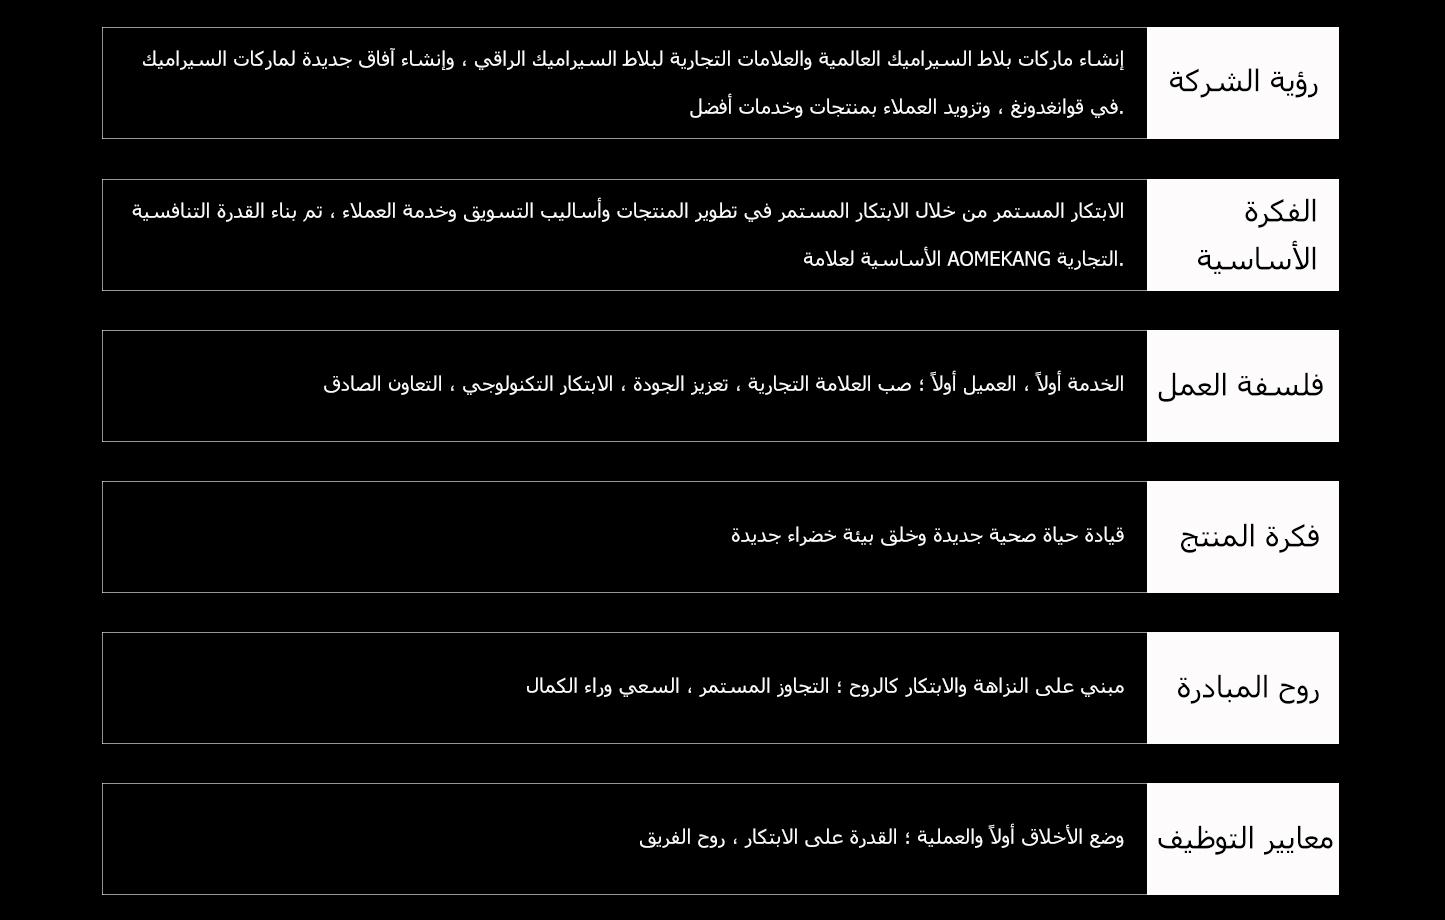 企业文化阿拉伯.jpg